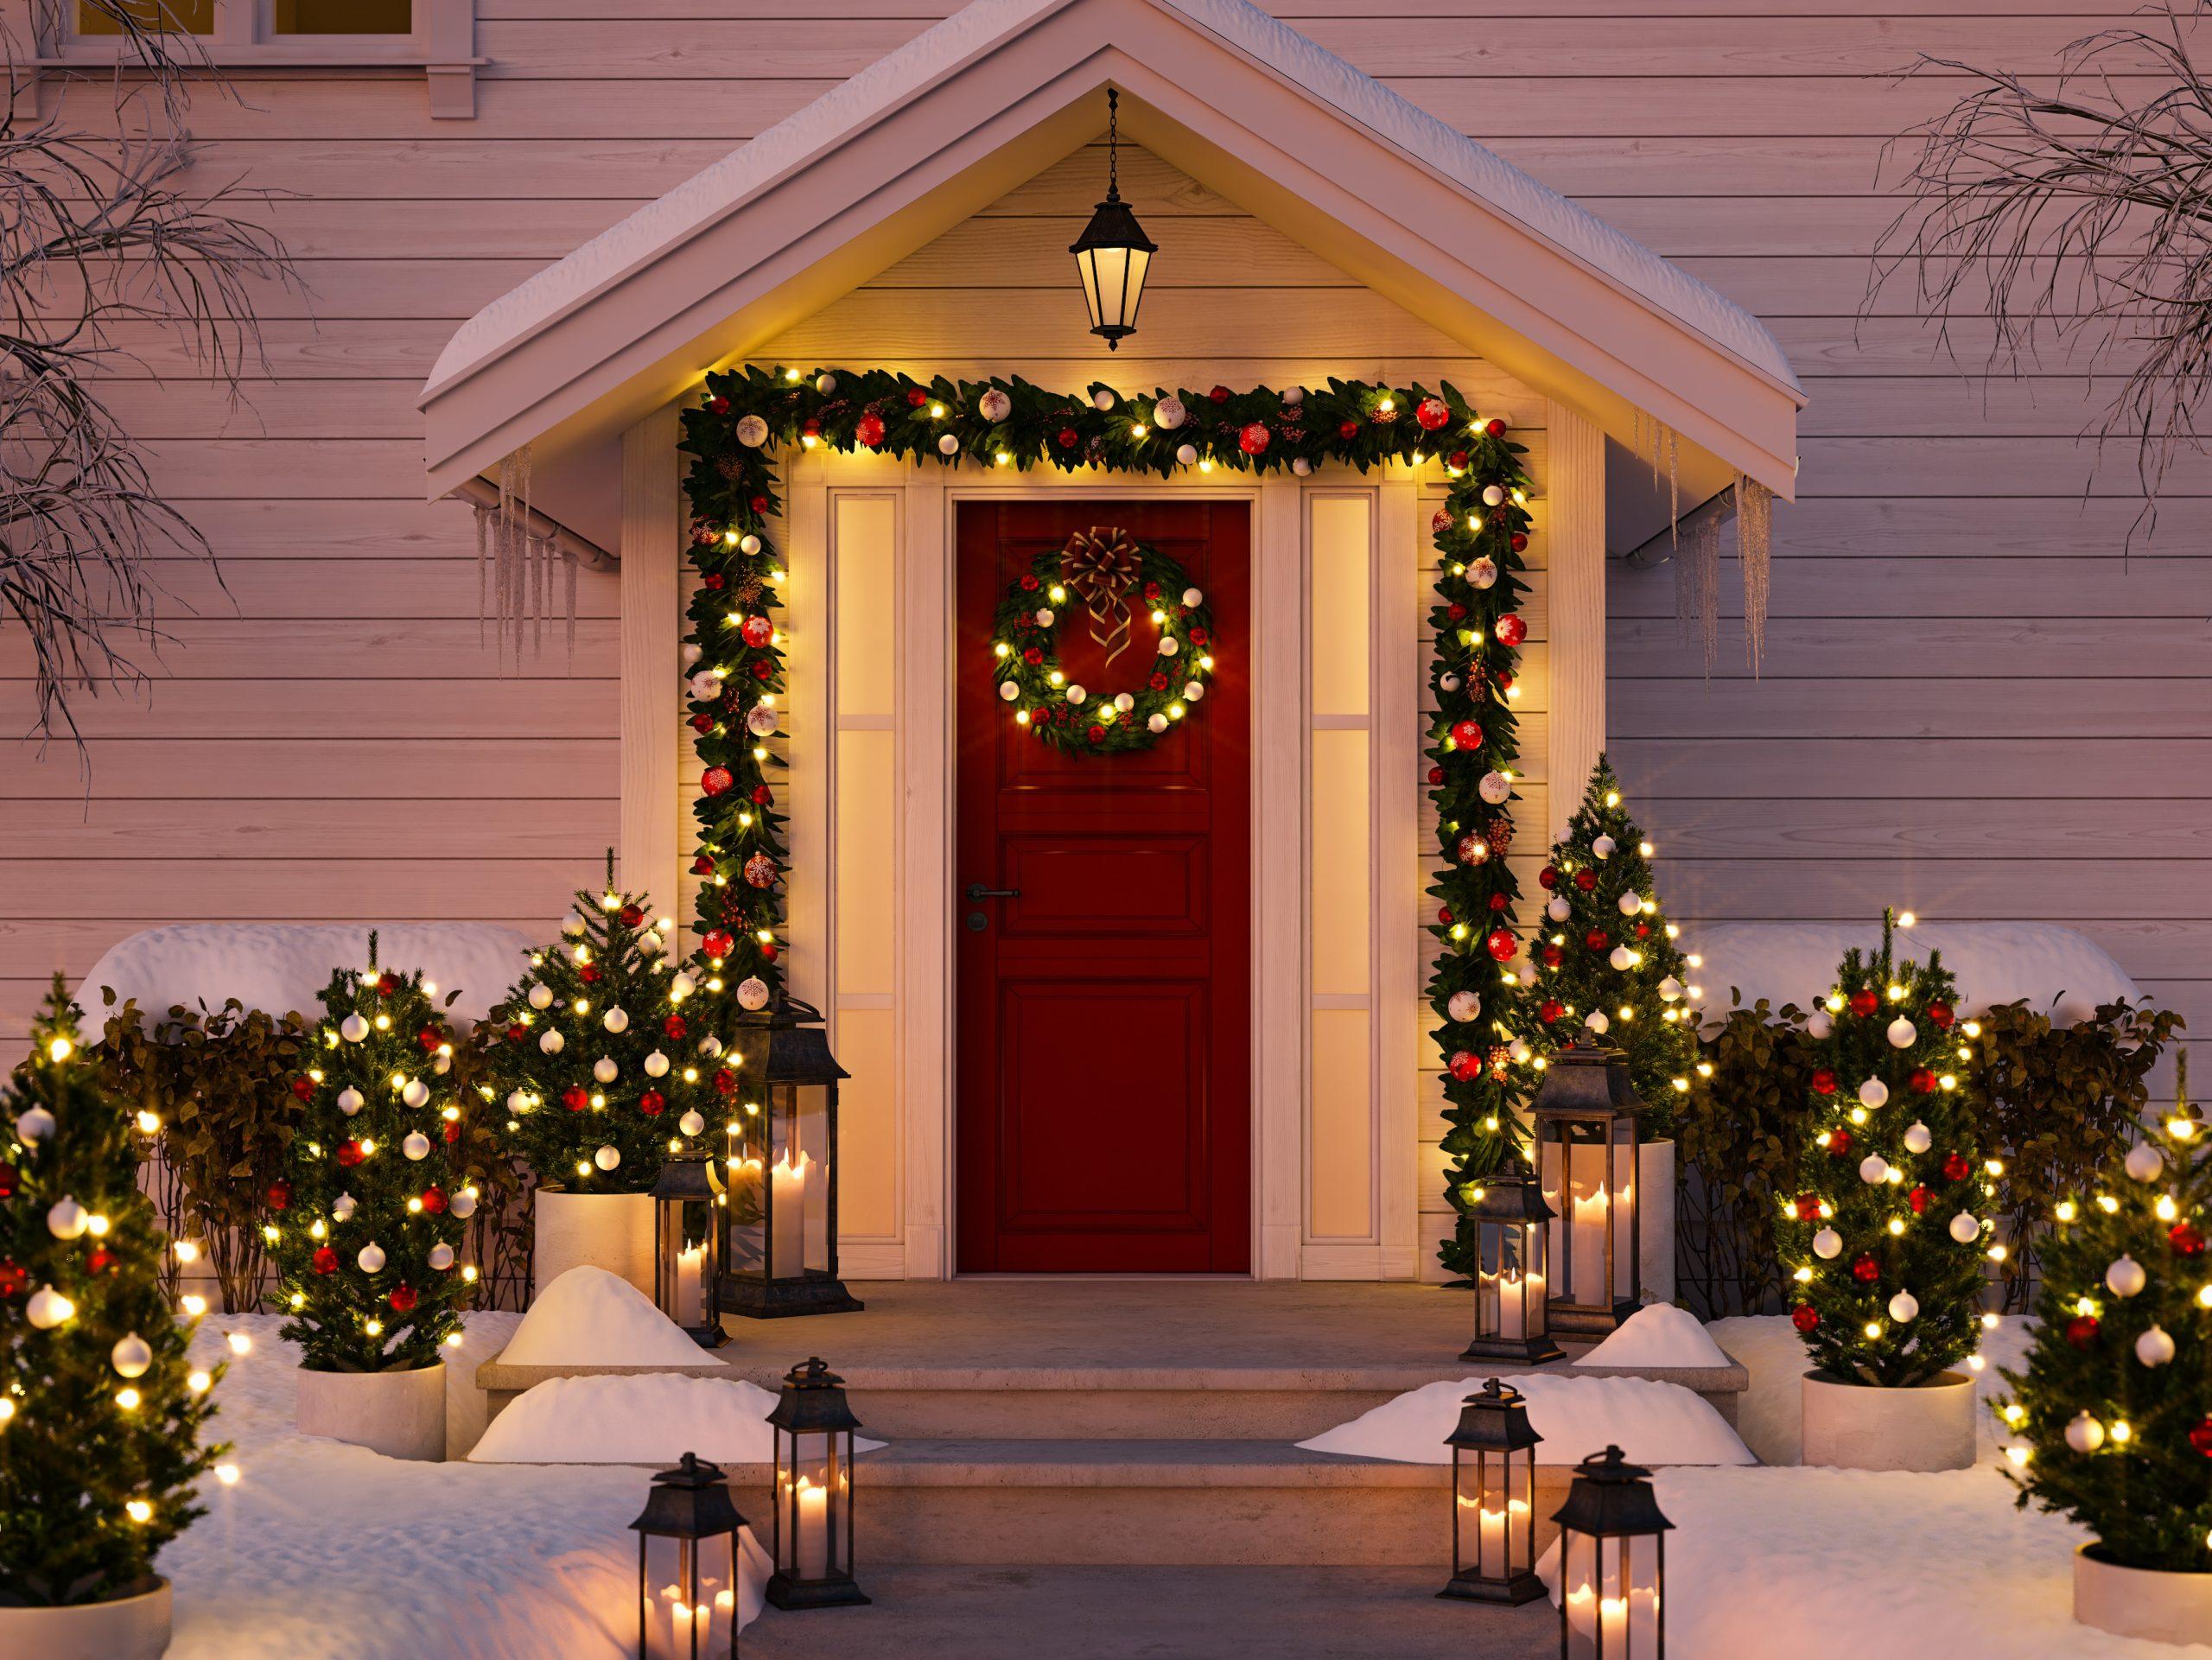 Luces de navidad: ¿Cuáles son las mejores del 2020?